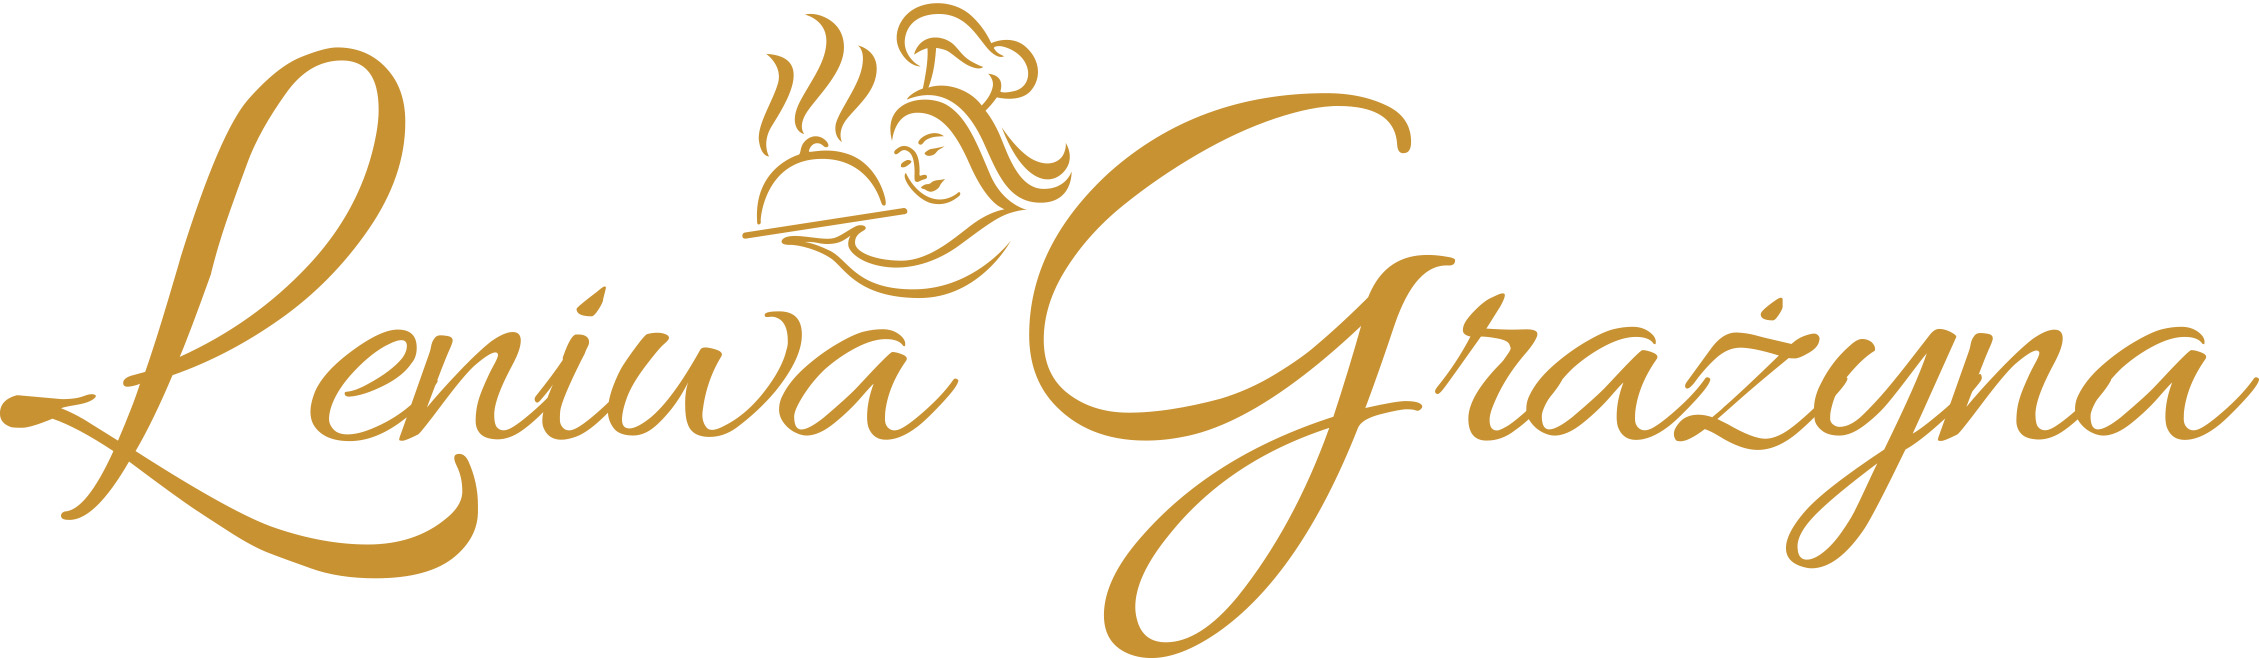 Leniwa Grażyna - wyroby garmażeryjne i catering podlaski